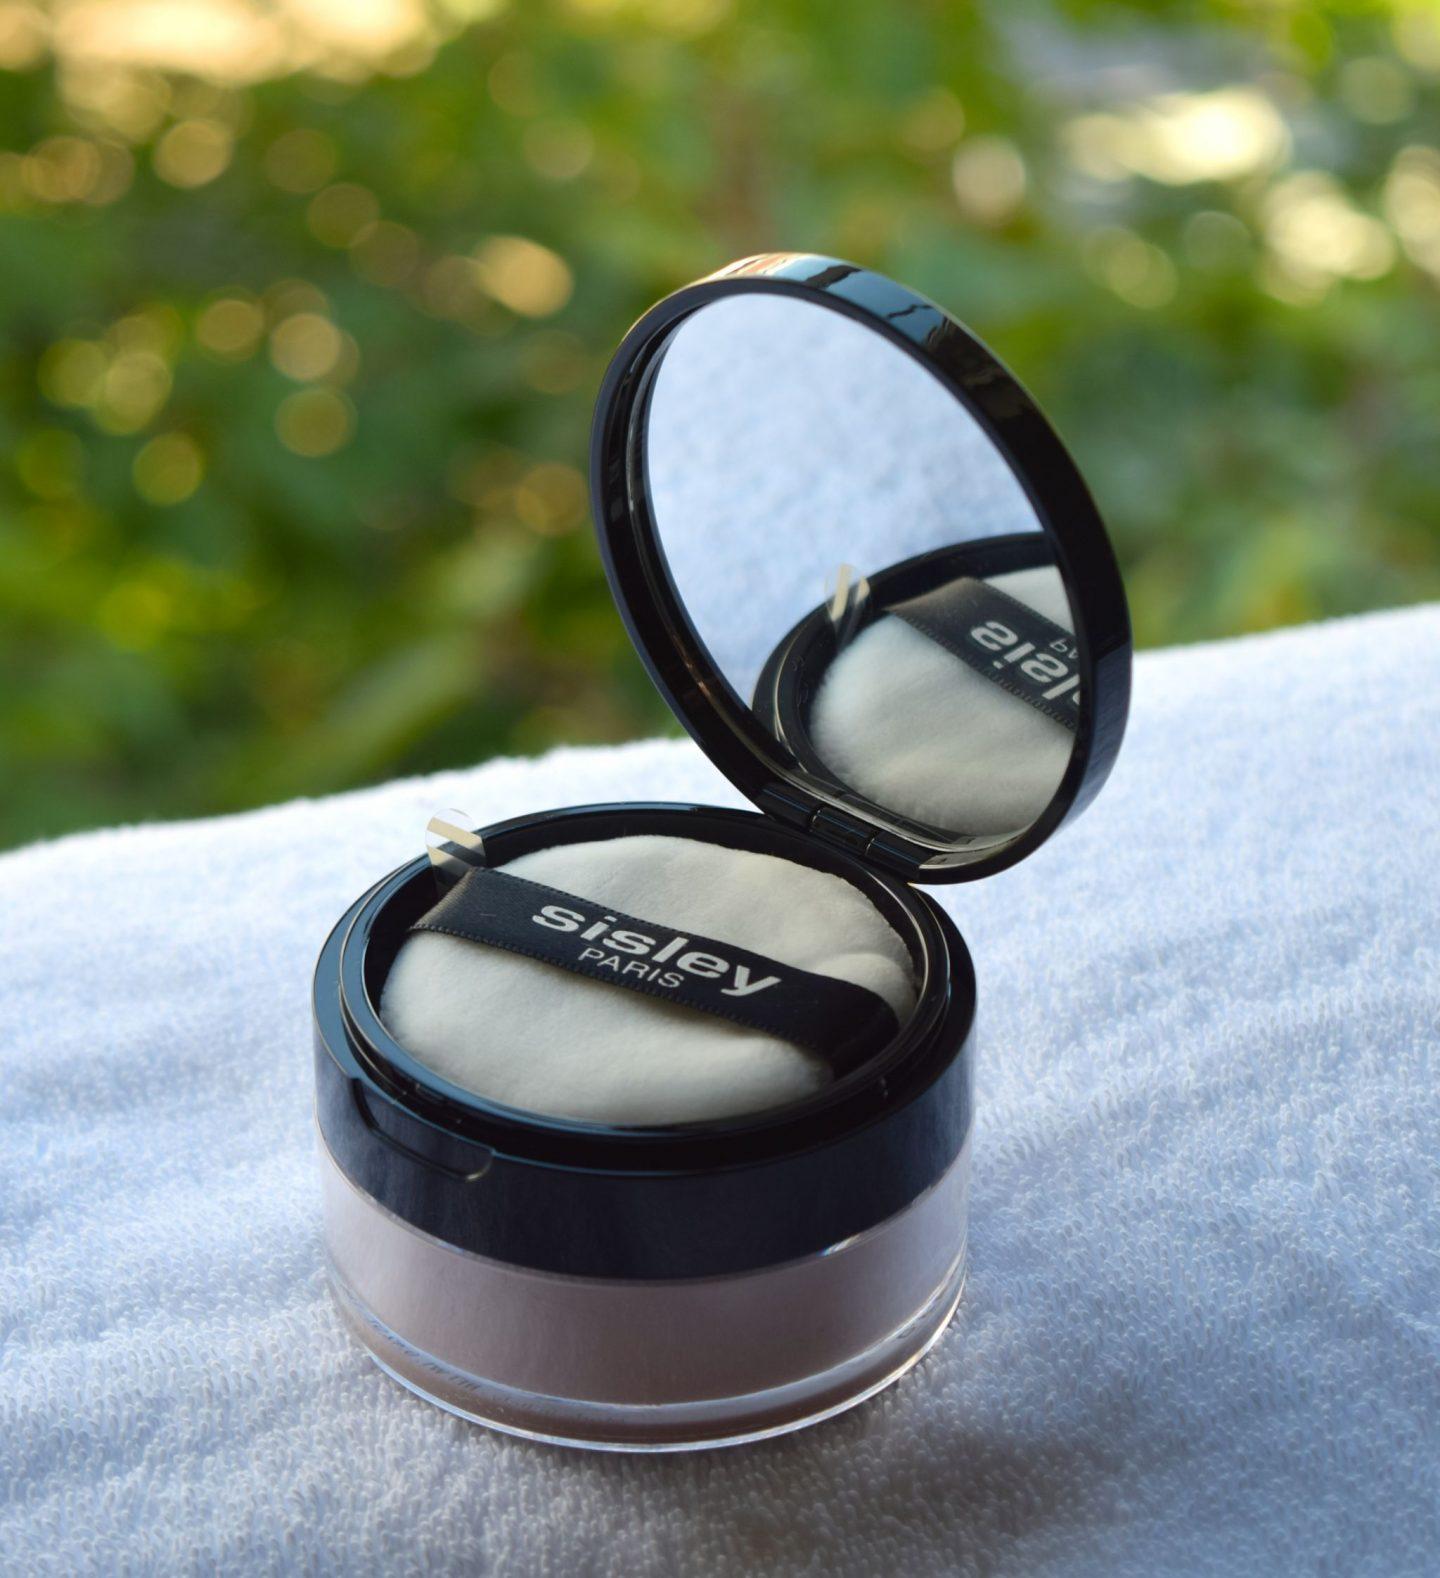 Sisley Phyto-Poudre Libre loose face powder 3